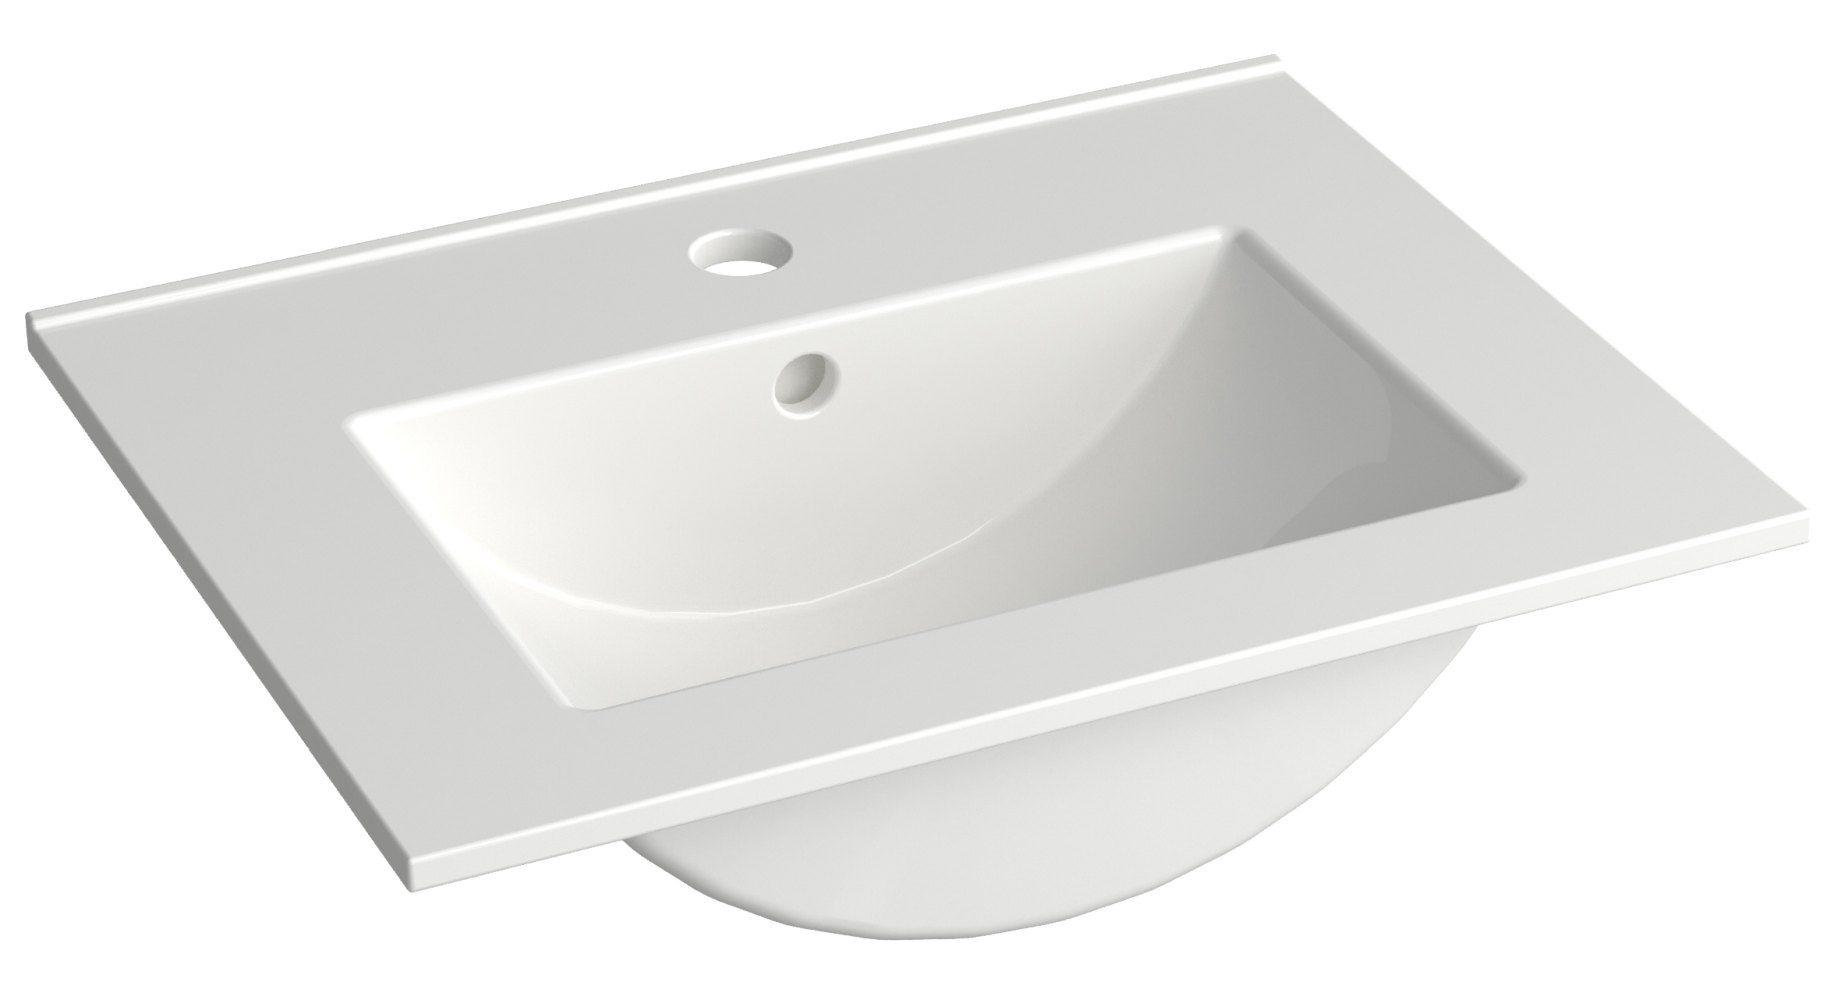 Bad - Waschbecken Bokaro 06, Farbe: Weiß – 13 x 51 x 39 cm (H x B x T)